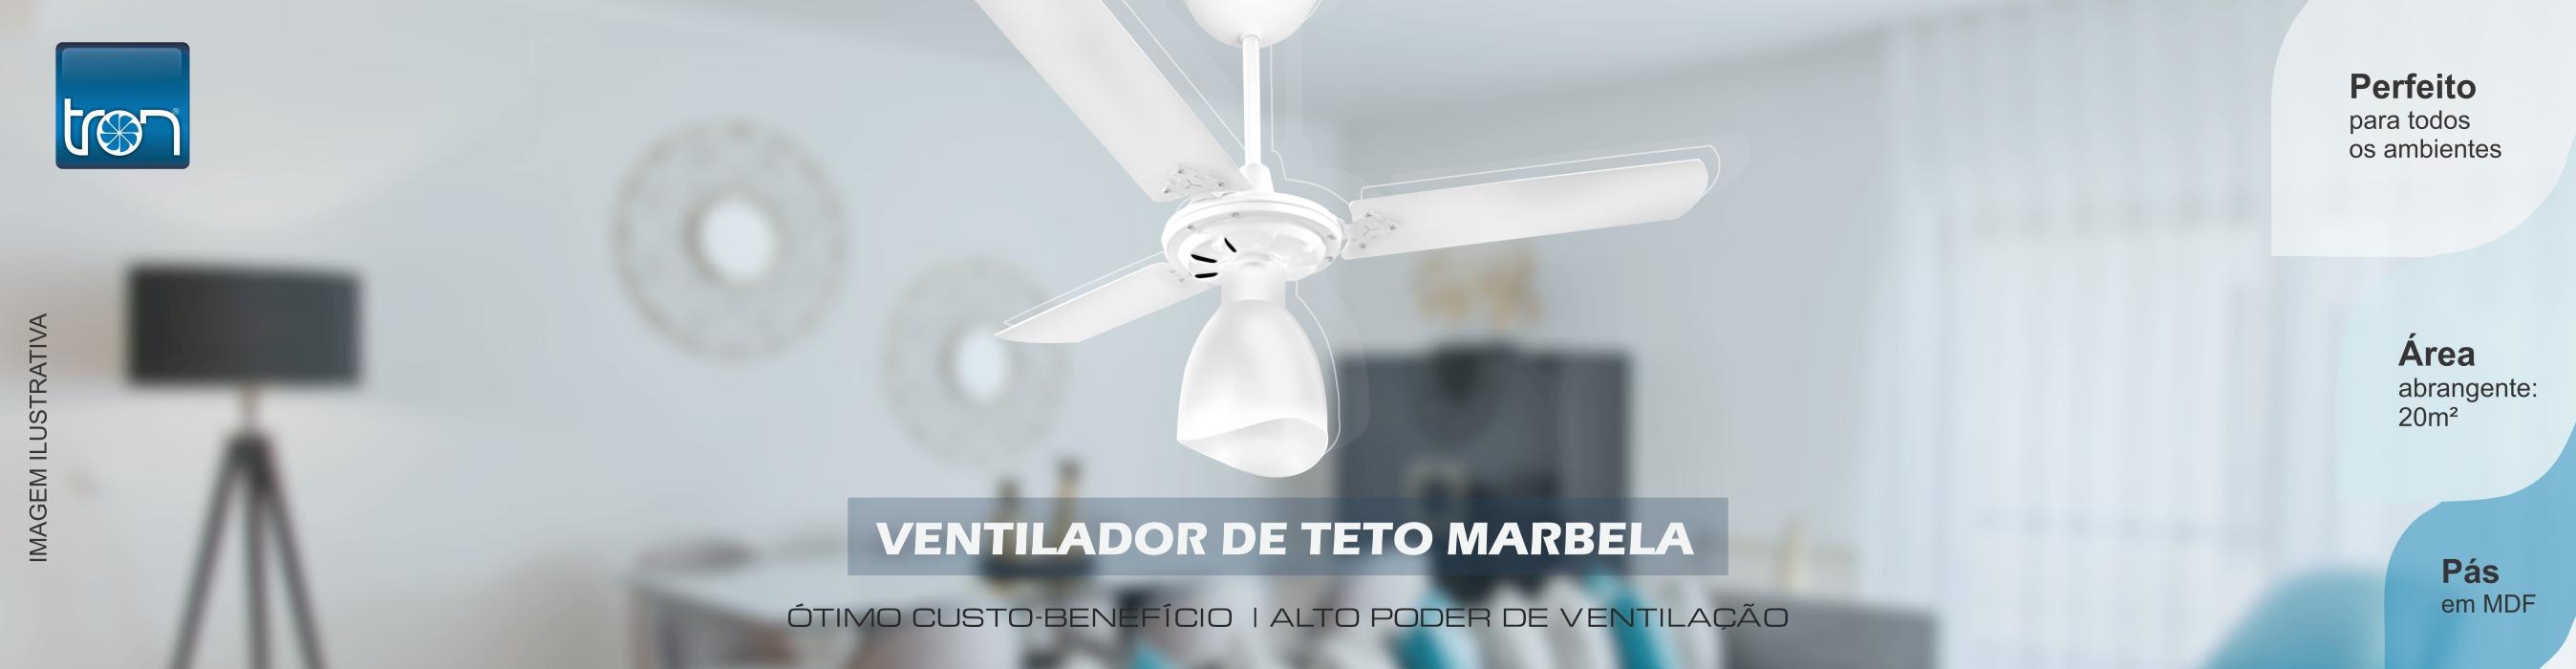 Ventilador-teto-banner